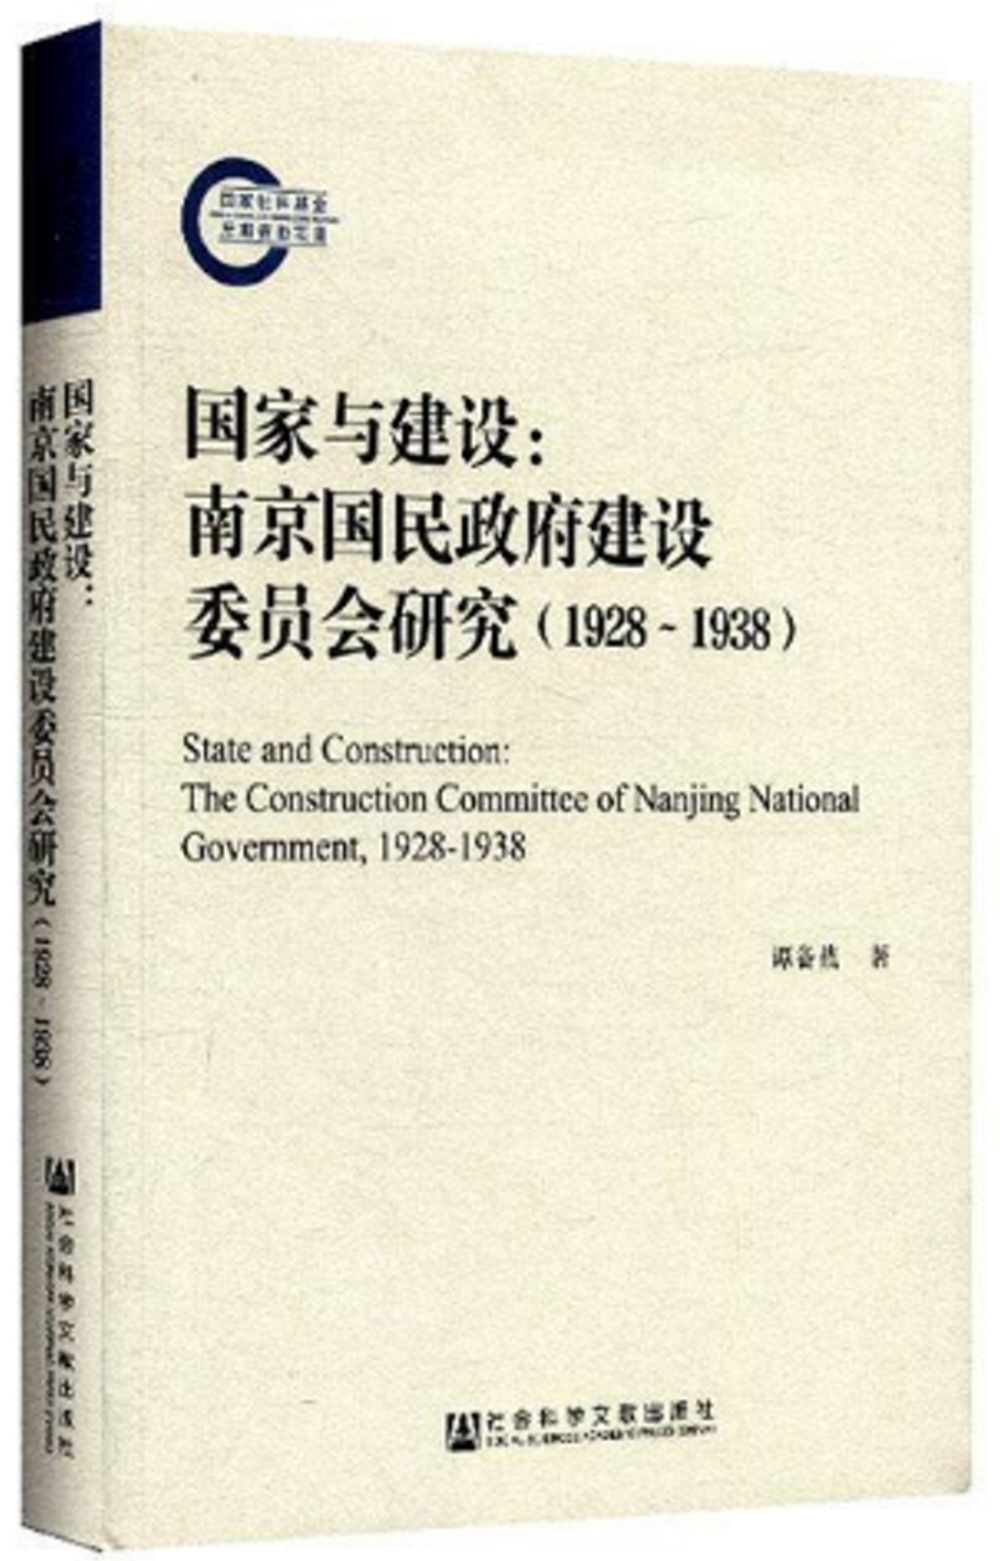 國家與建設:南京國民政府建設委員會研究(1928~1938)